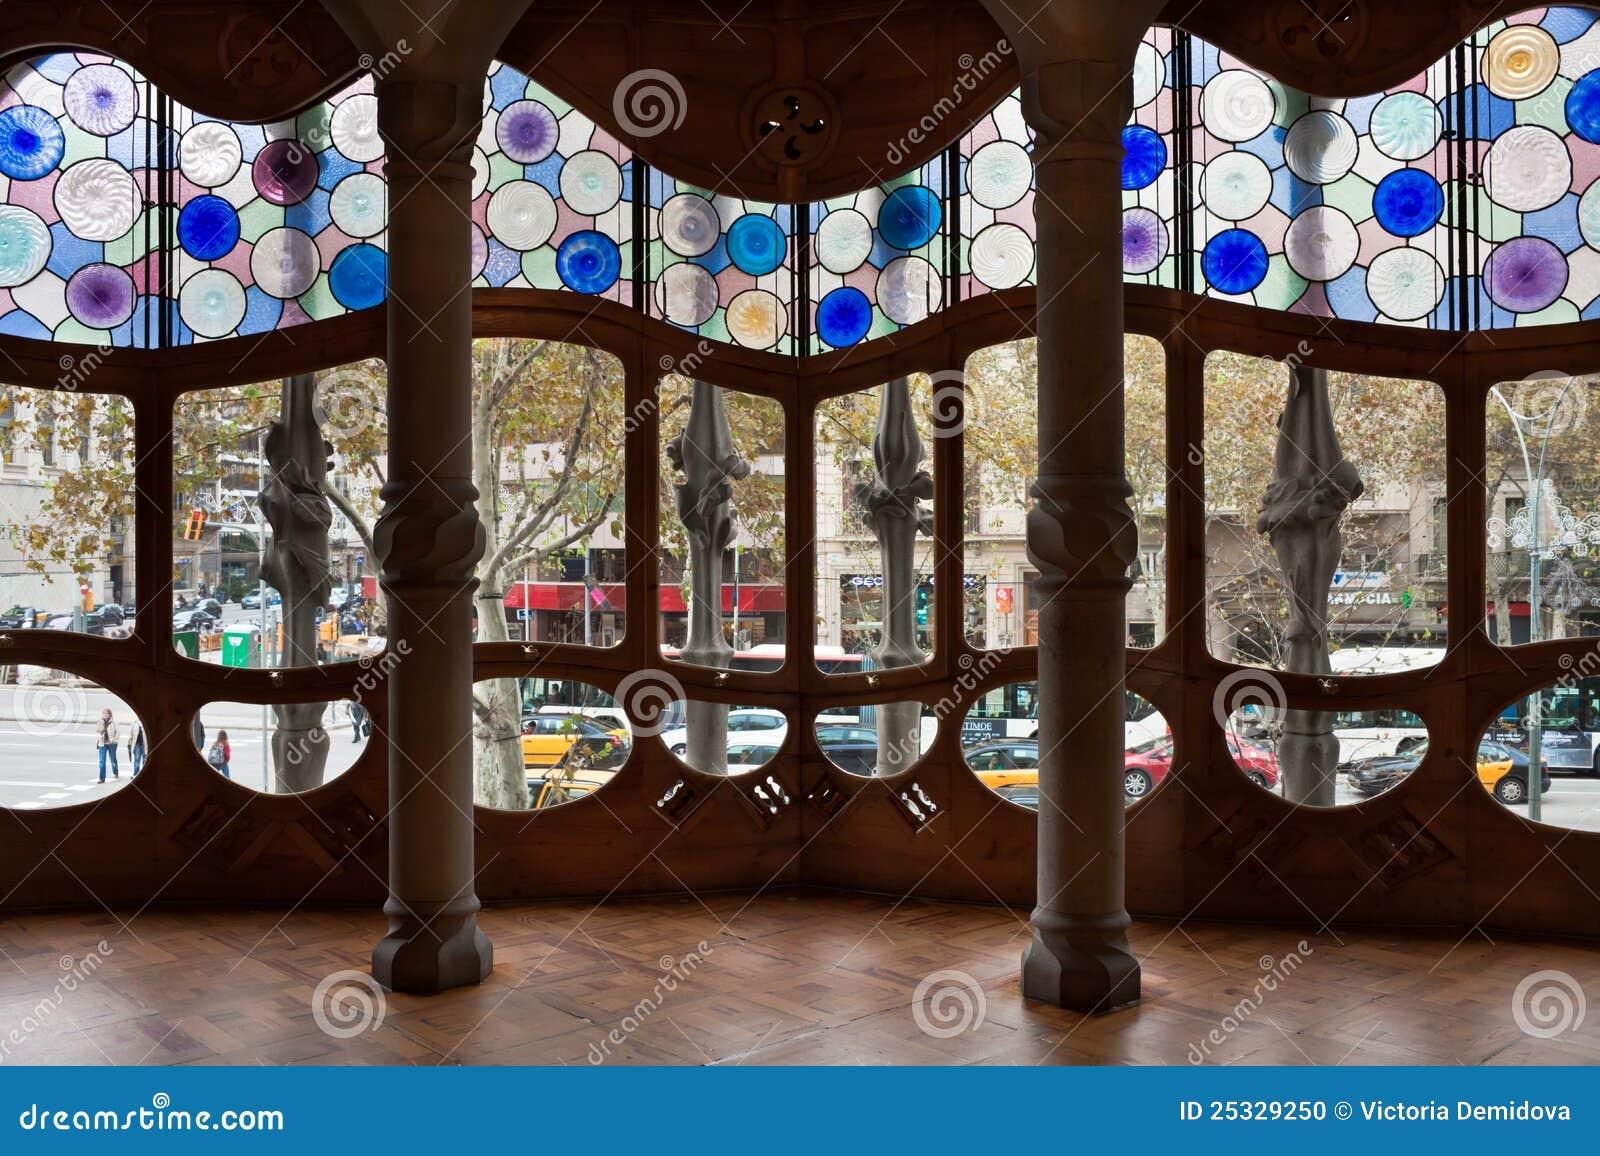 Intérieur de batllo de maison hublots décorés antonio ga image éditorial